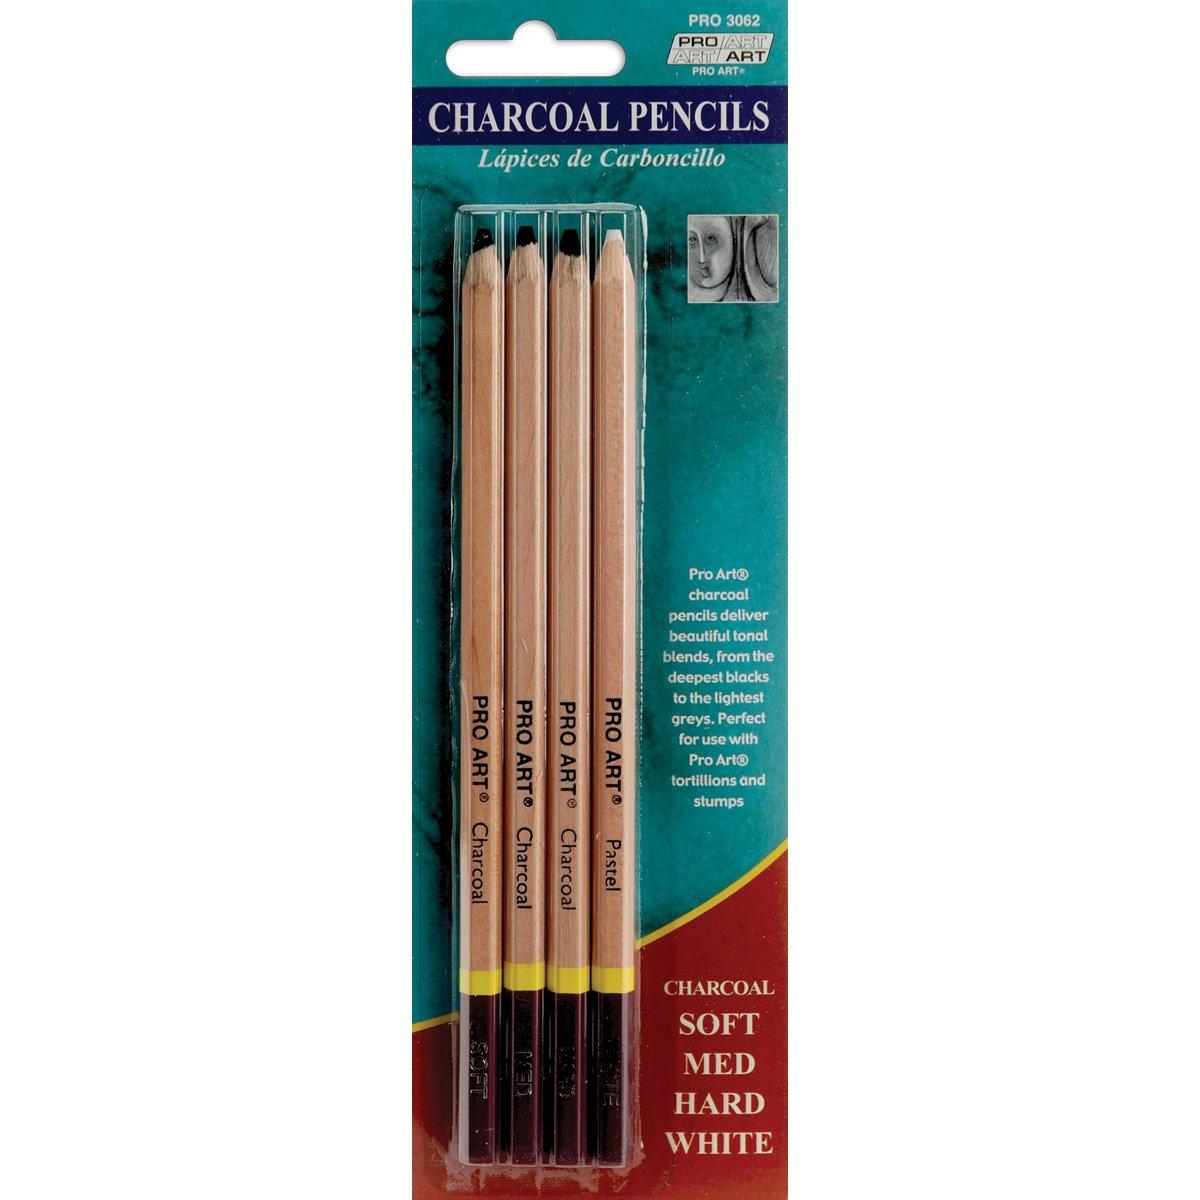 Pro Art de crayons de charbon de bois